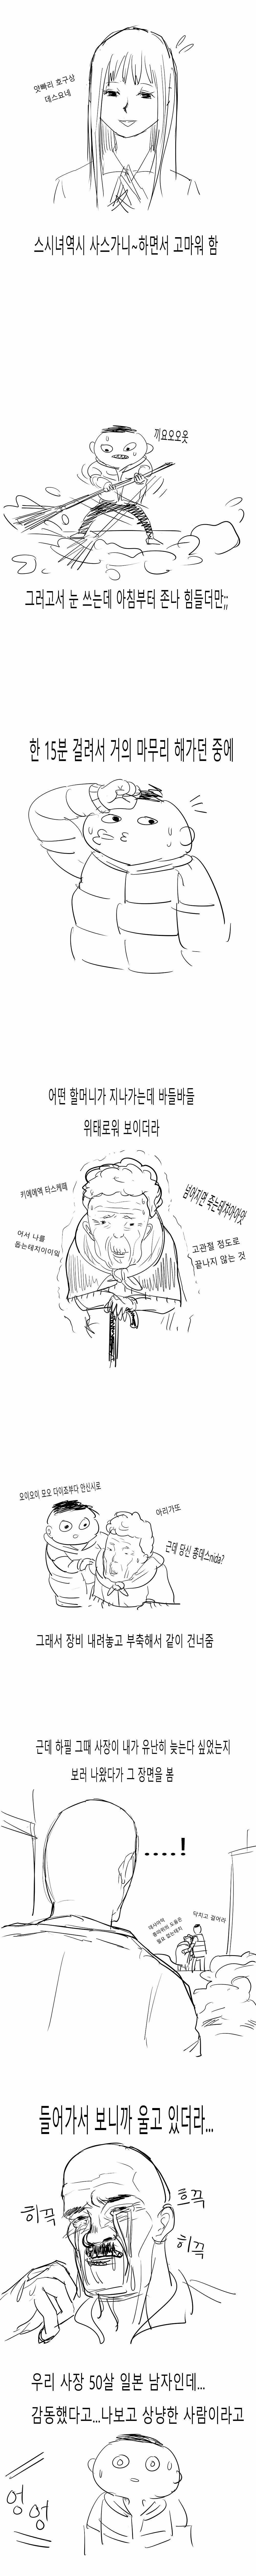 일본인사장 울어버린.manhwa | 인스티즈